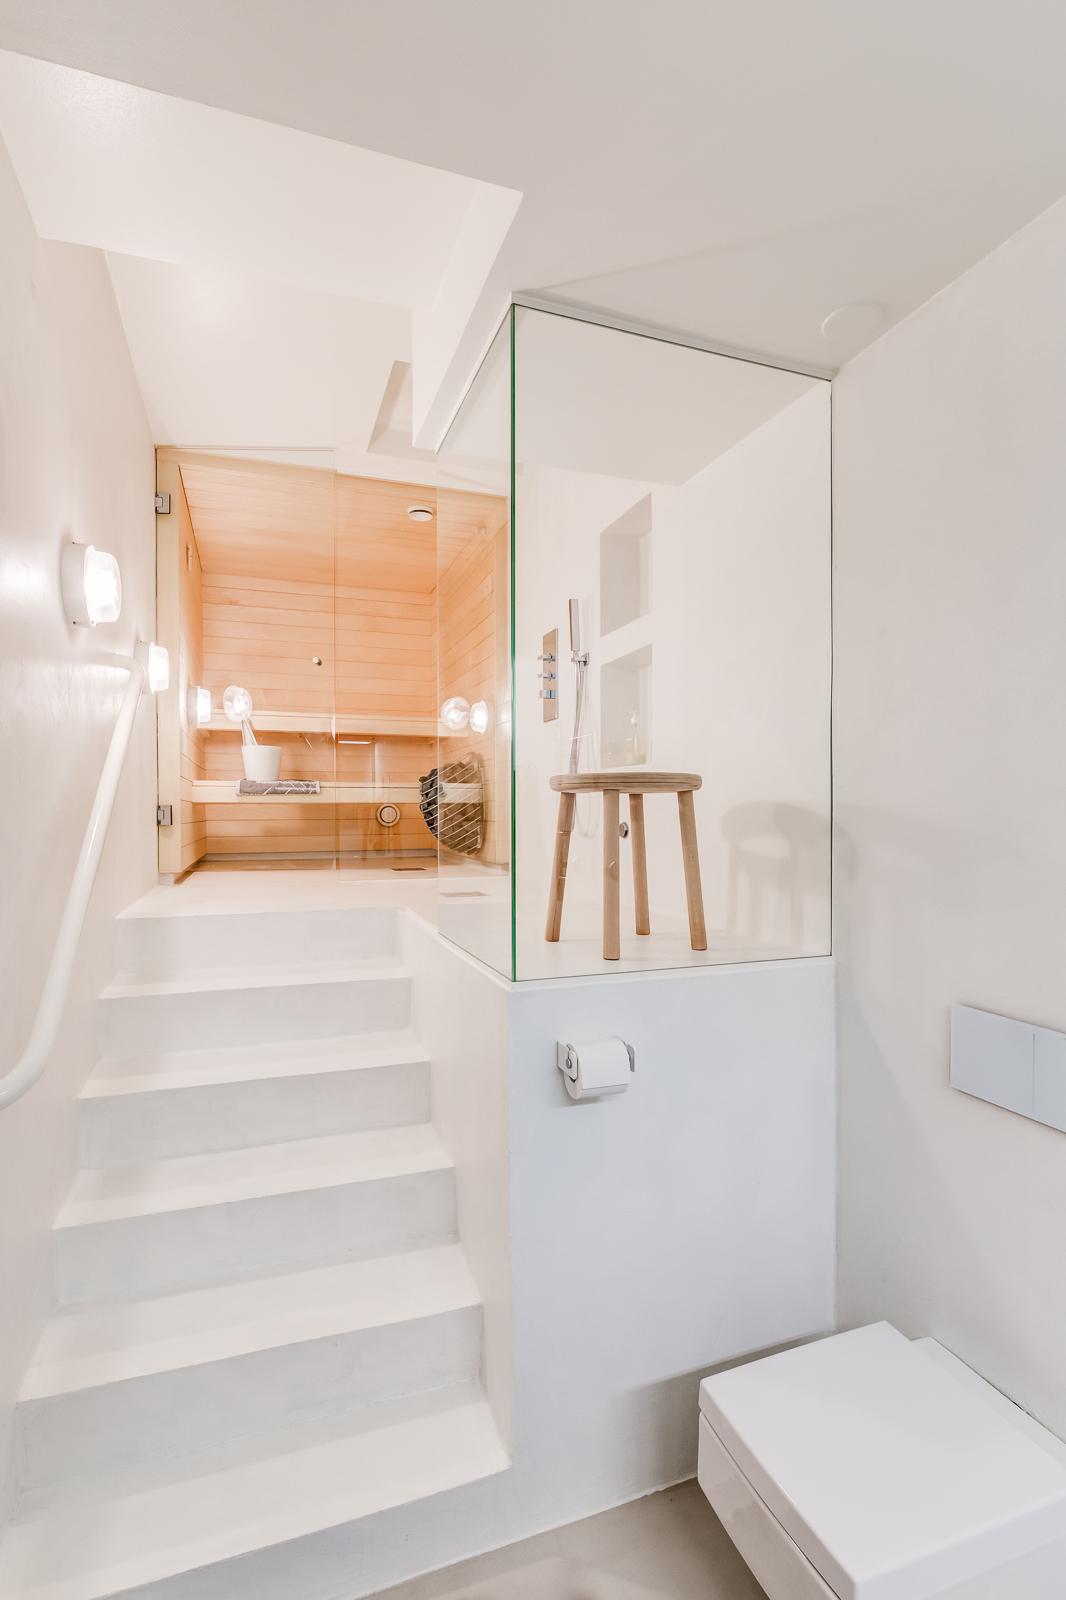 moderni sauna kylpyhuone